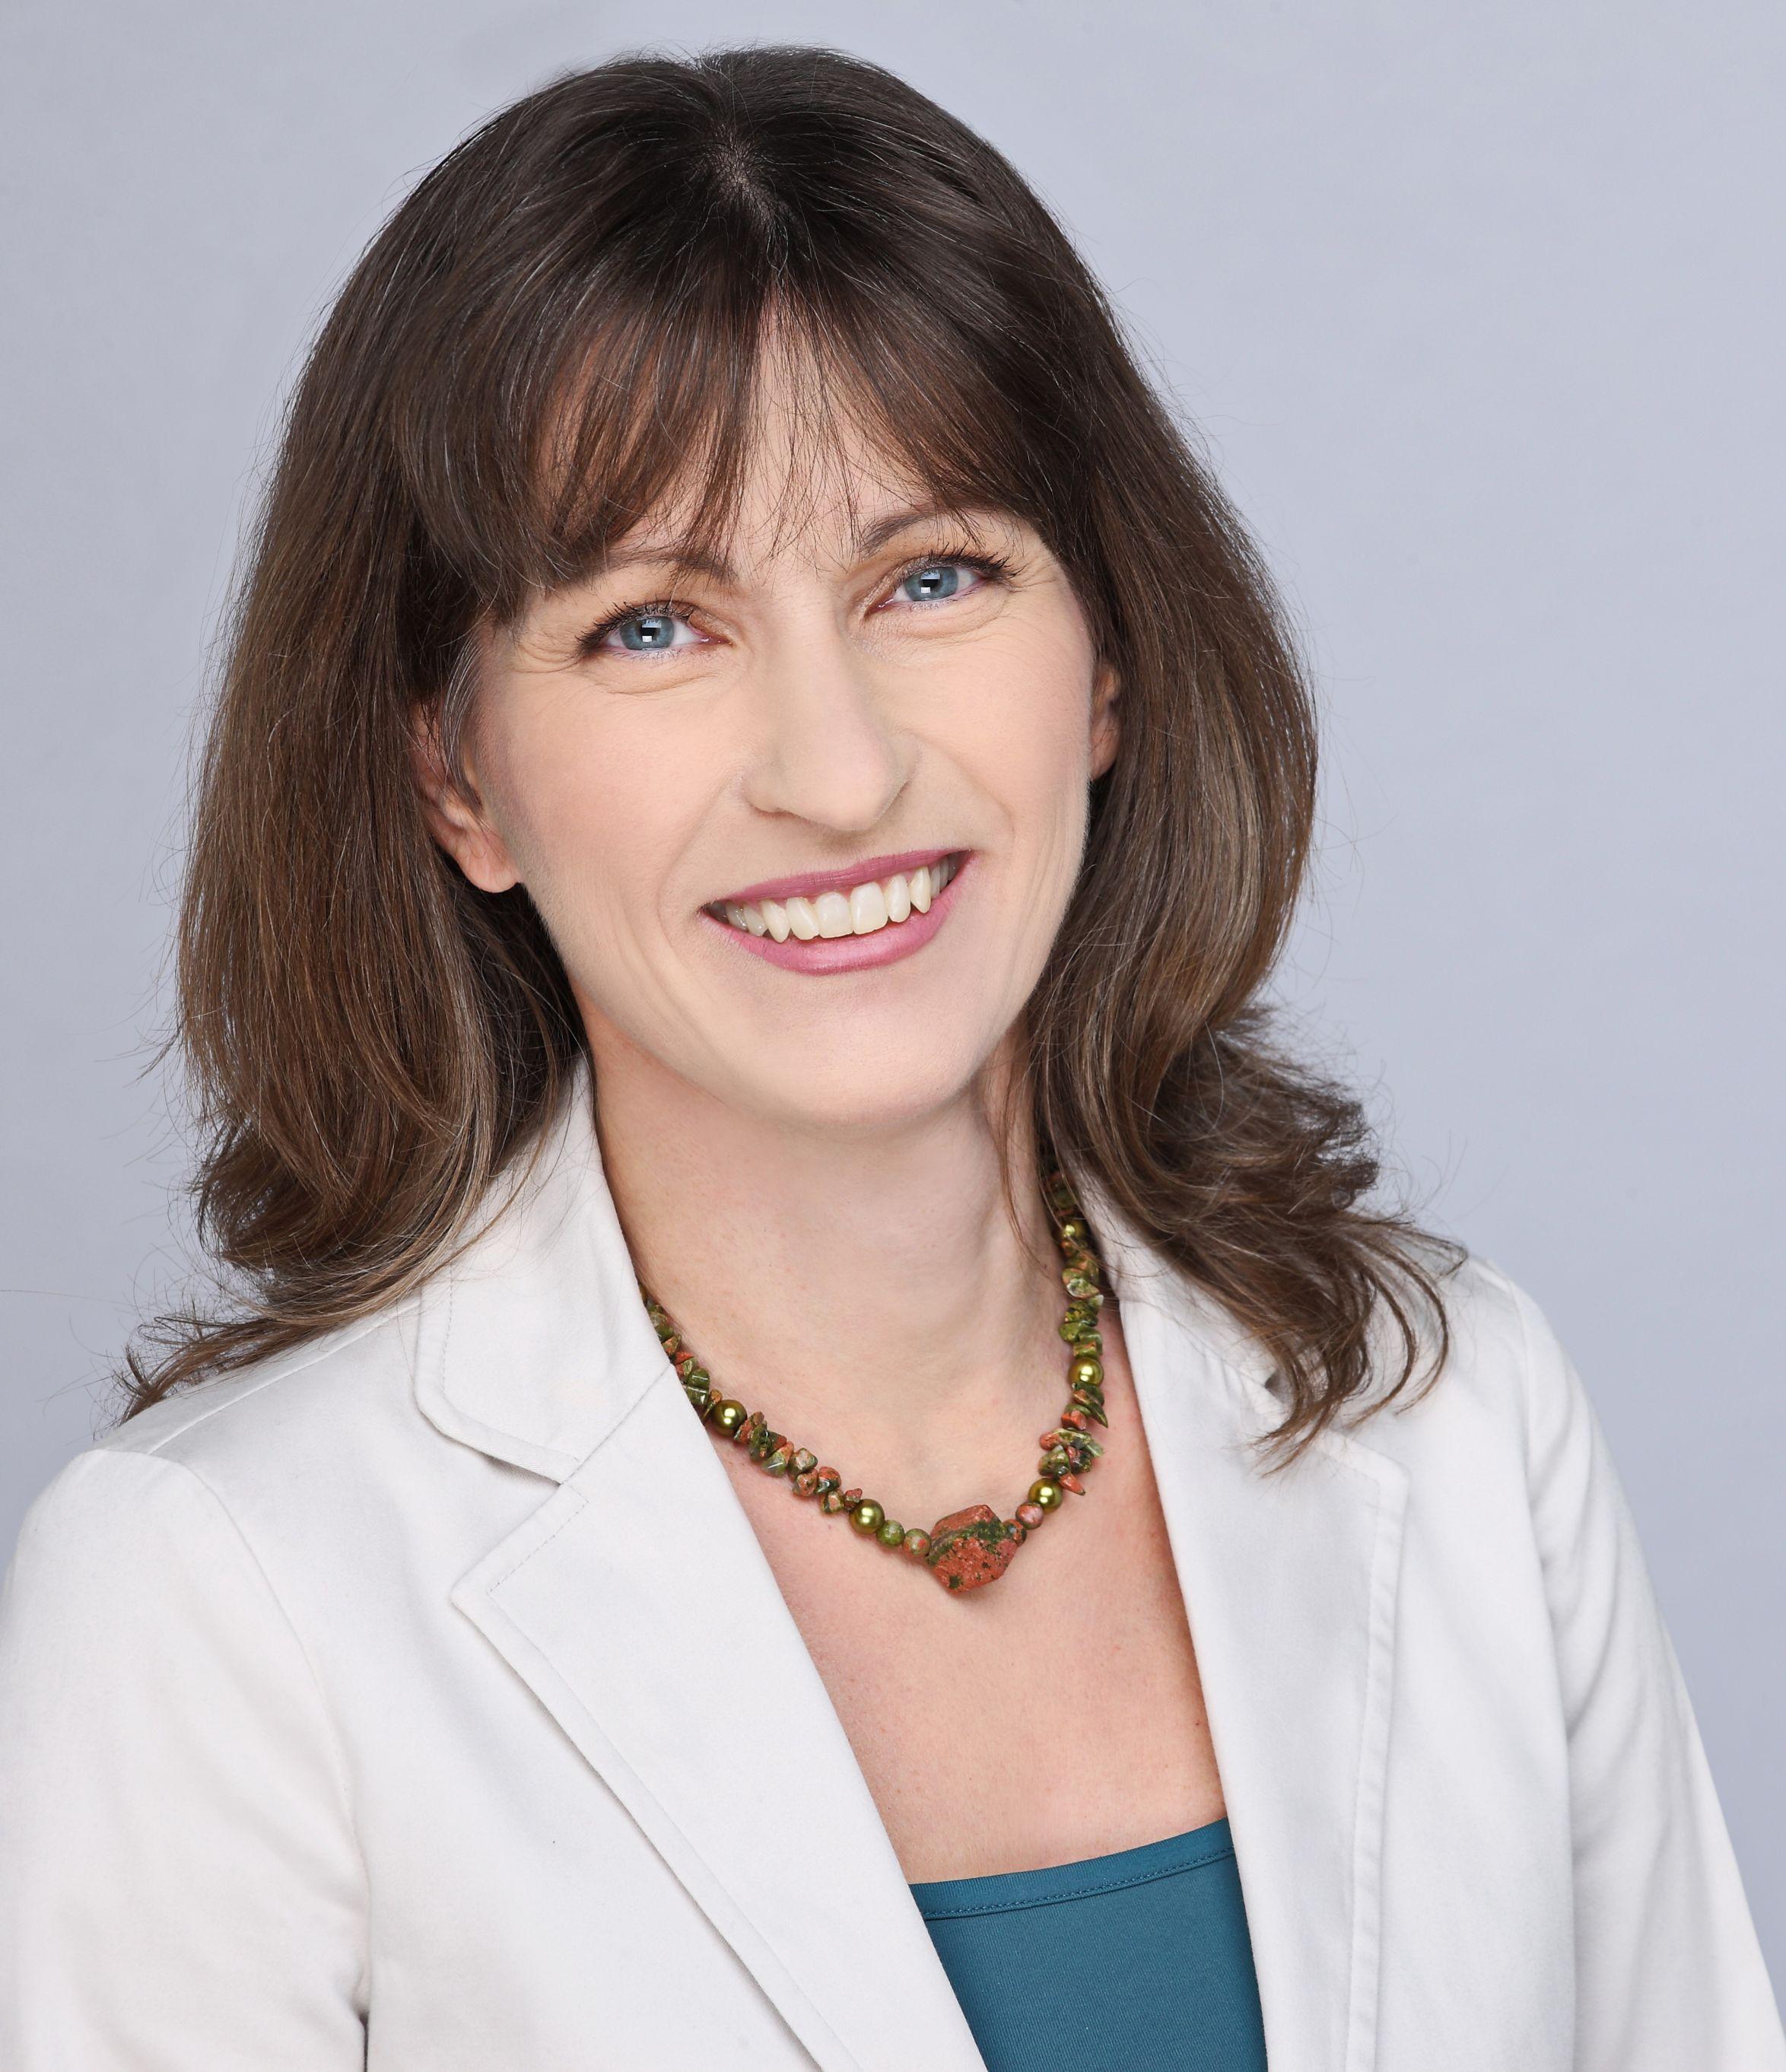 orvos segítette a fogyást durham sikeres fogyás menopauzában